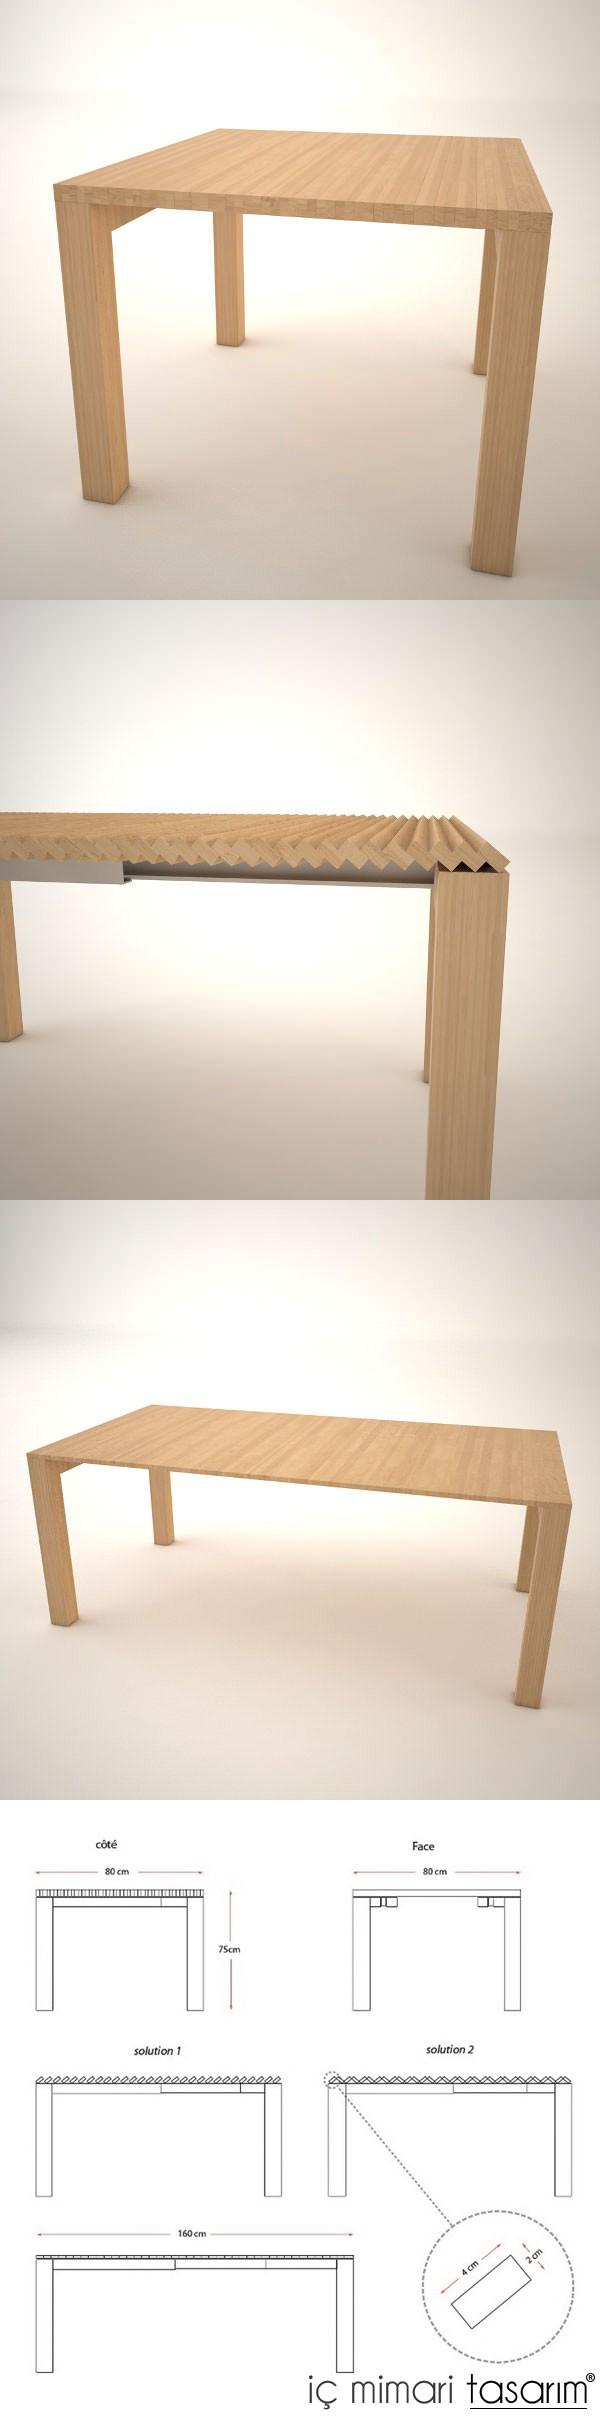 muhteşem-açılır-kapanır-masa-tasarımları (4)